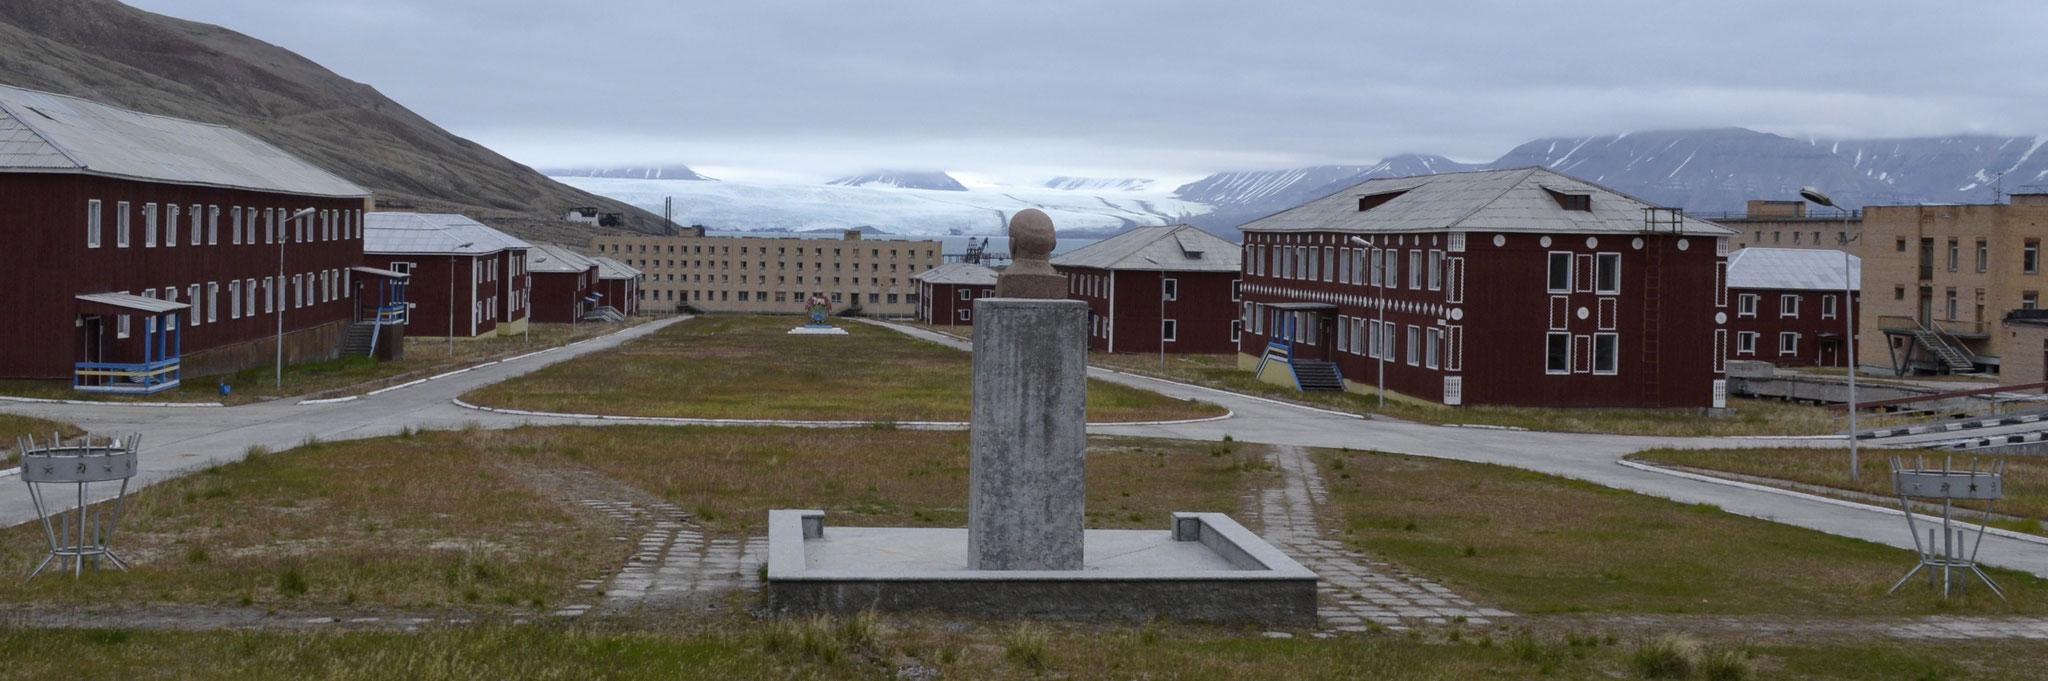 Pyramiden (Spitzbergen):  Und Lenin wacht noch immer über die Stadt [mehr...]